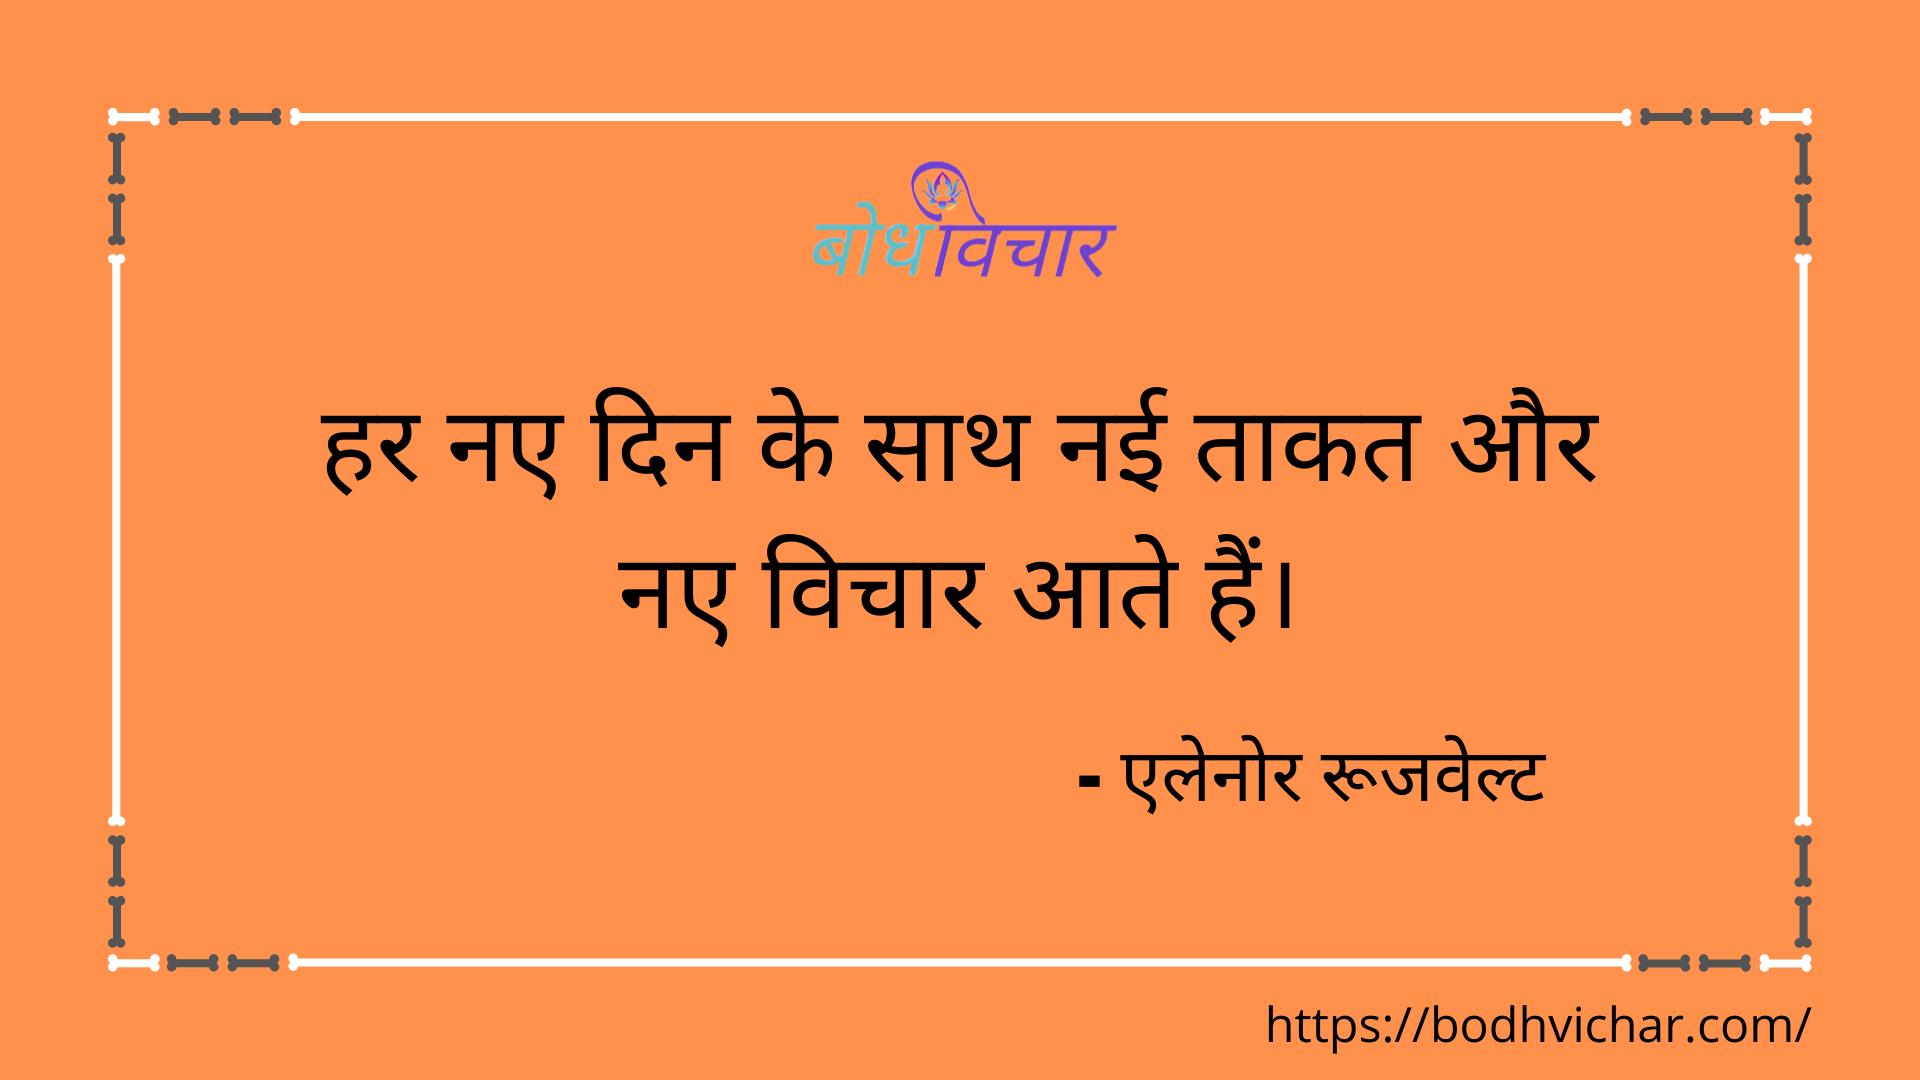 हर नए दिन के साथ नई ताकत और नए विचार आते हैं। : Har naye din ke saath nayi taakat aur naye vichaar ate hain. - एलेनोर रूजवेल्ट